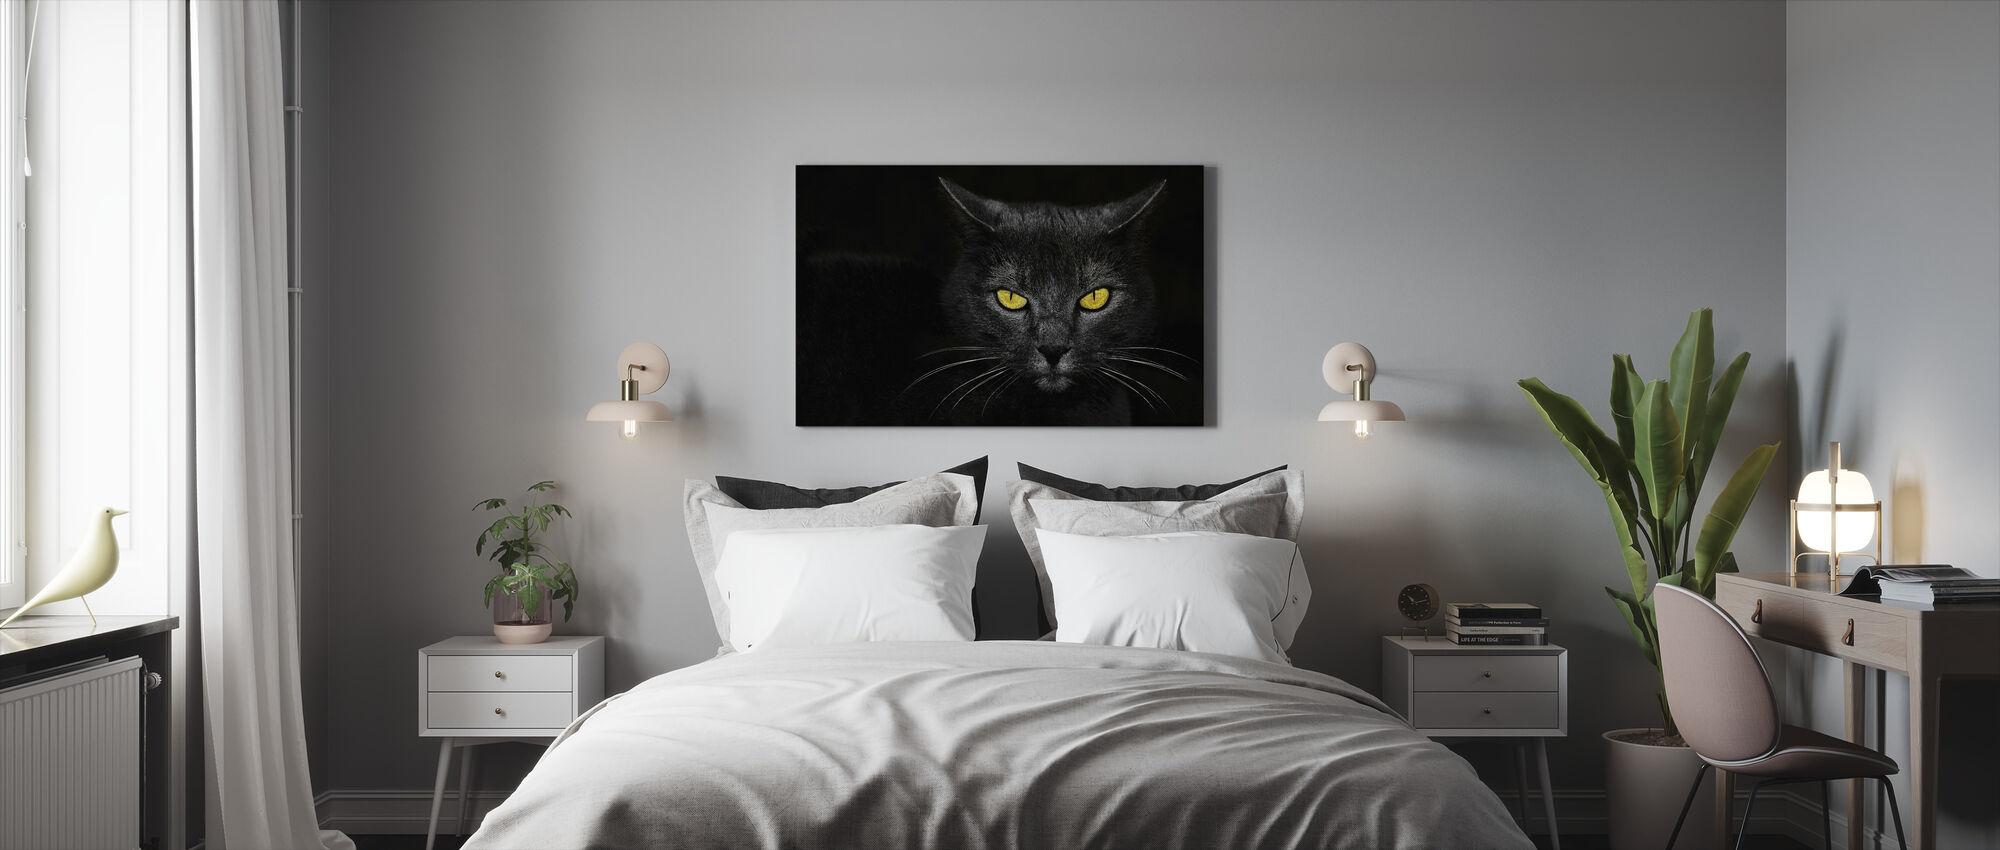 Monster Kill - Canvas print - Bedroom